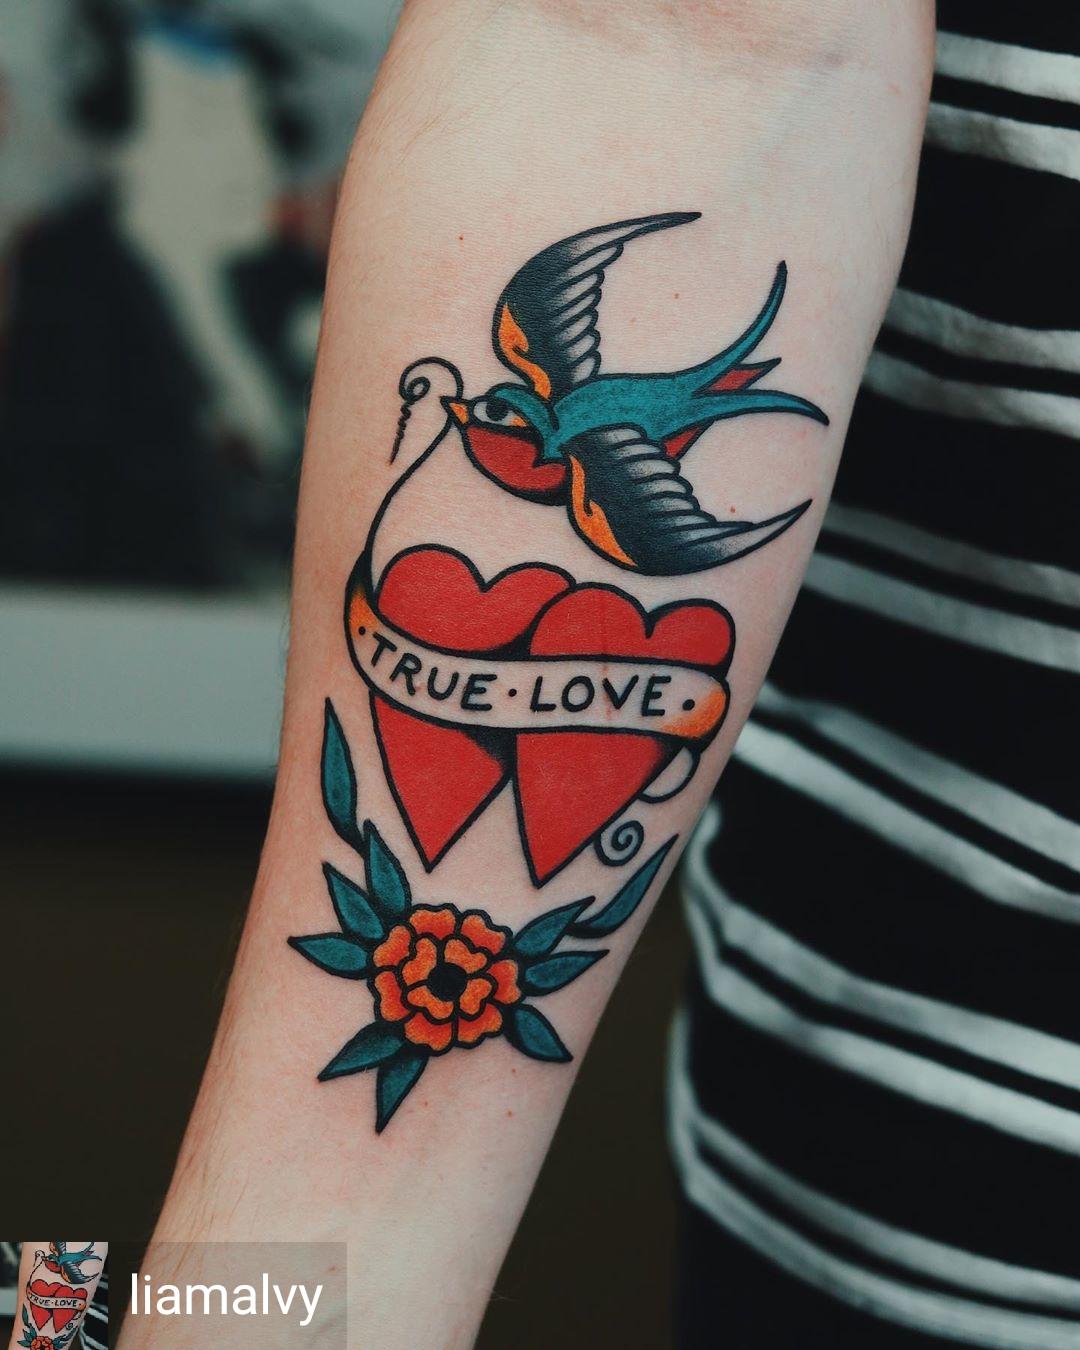 cuore tattoo old school